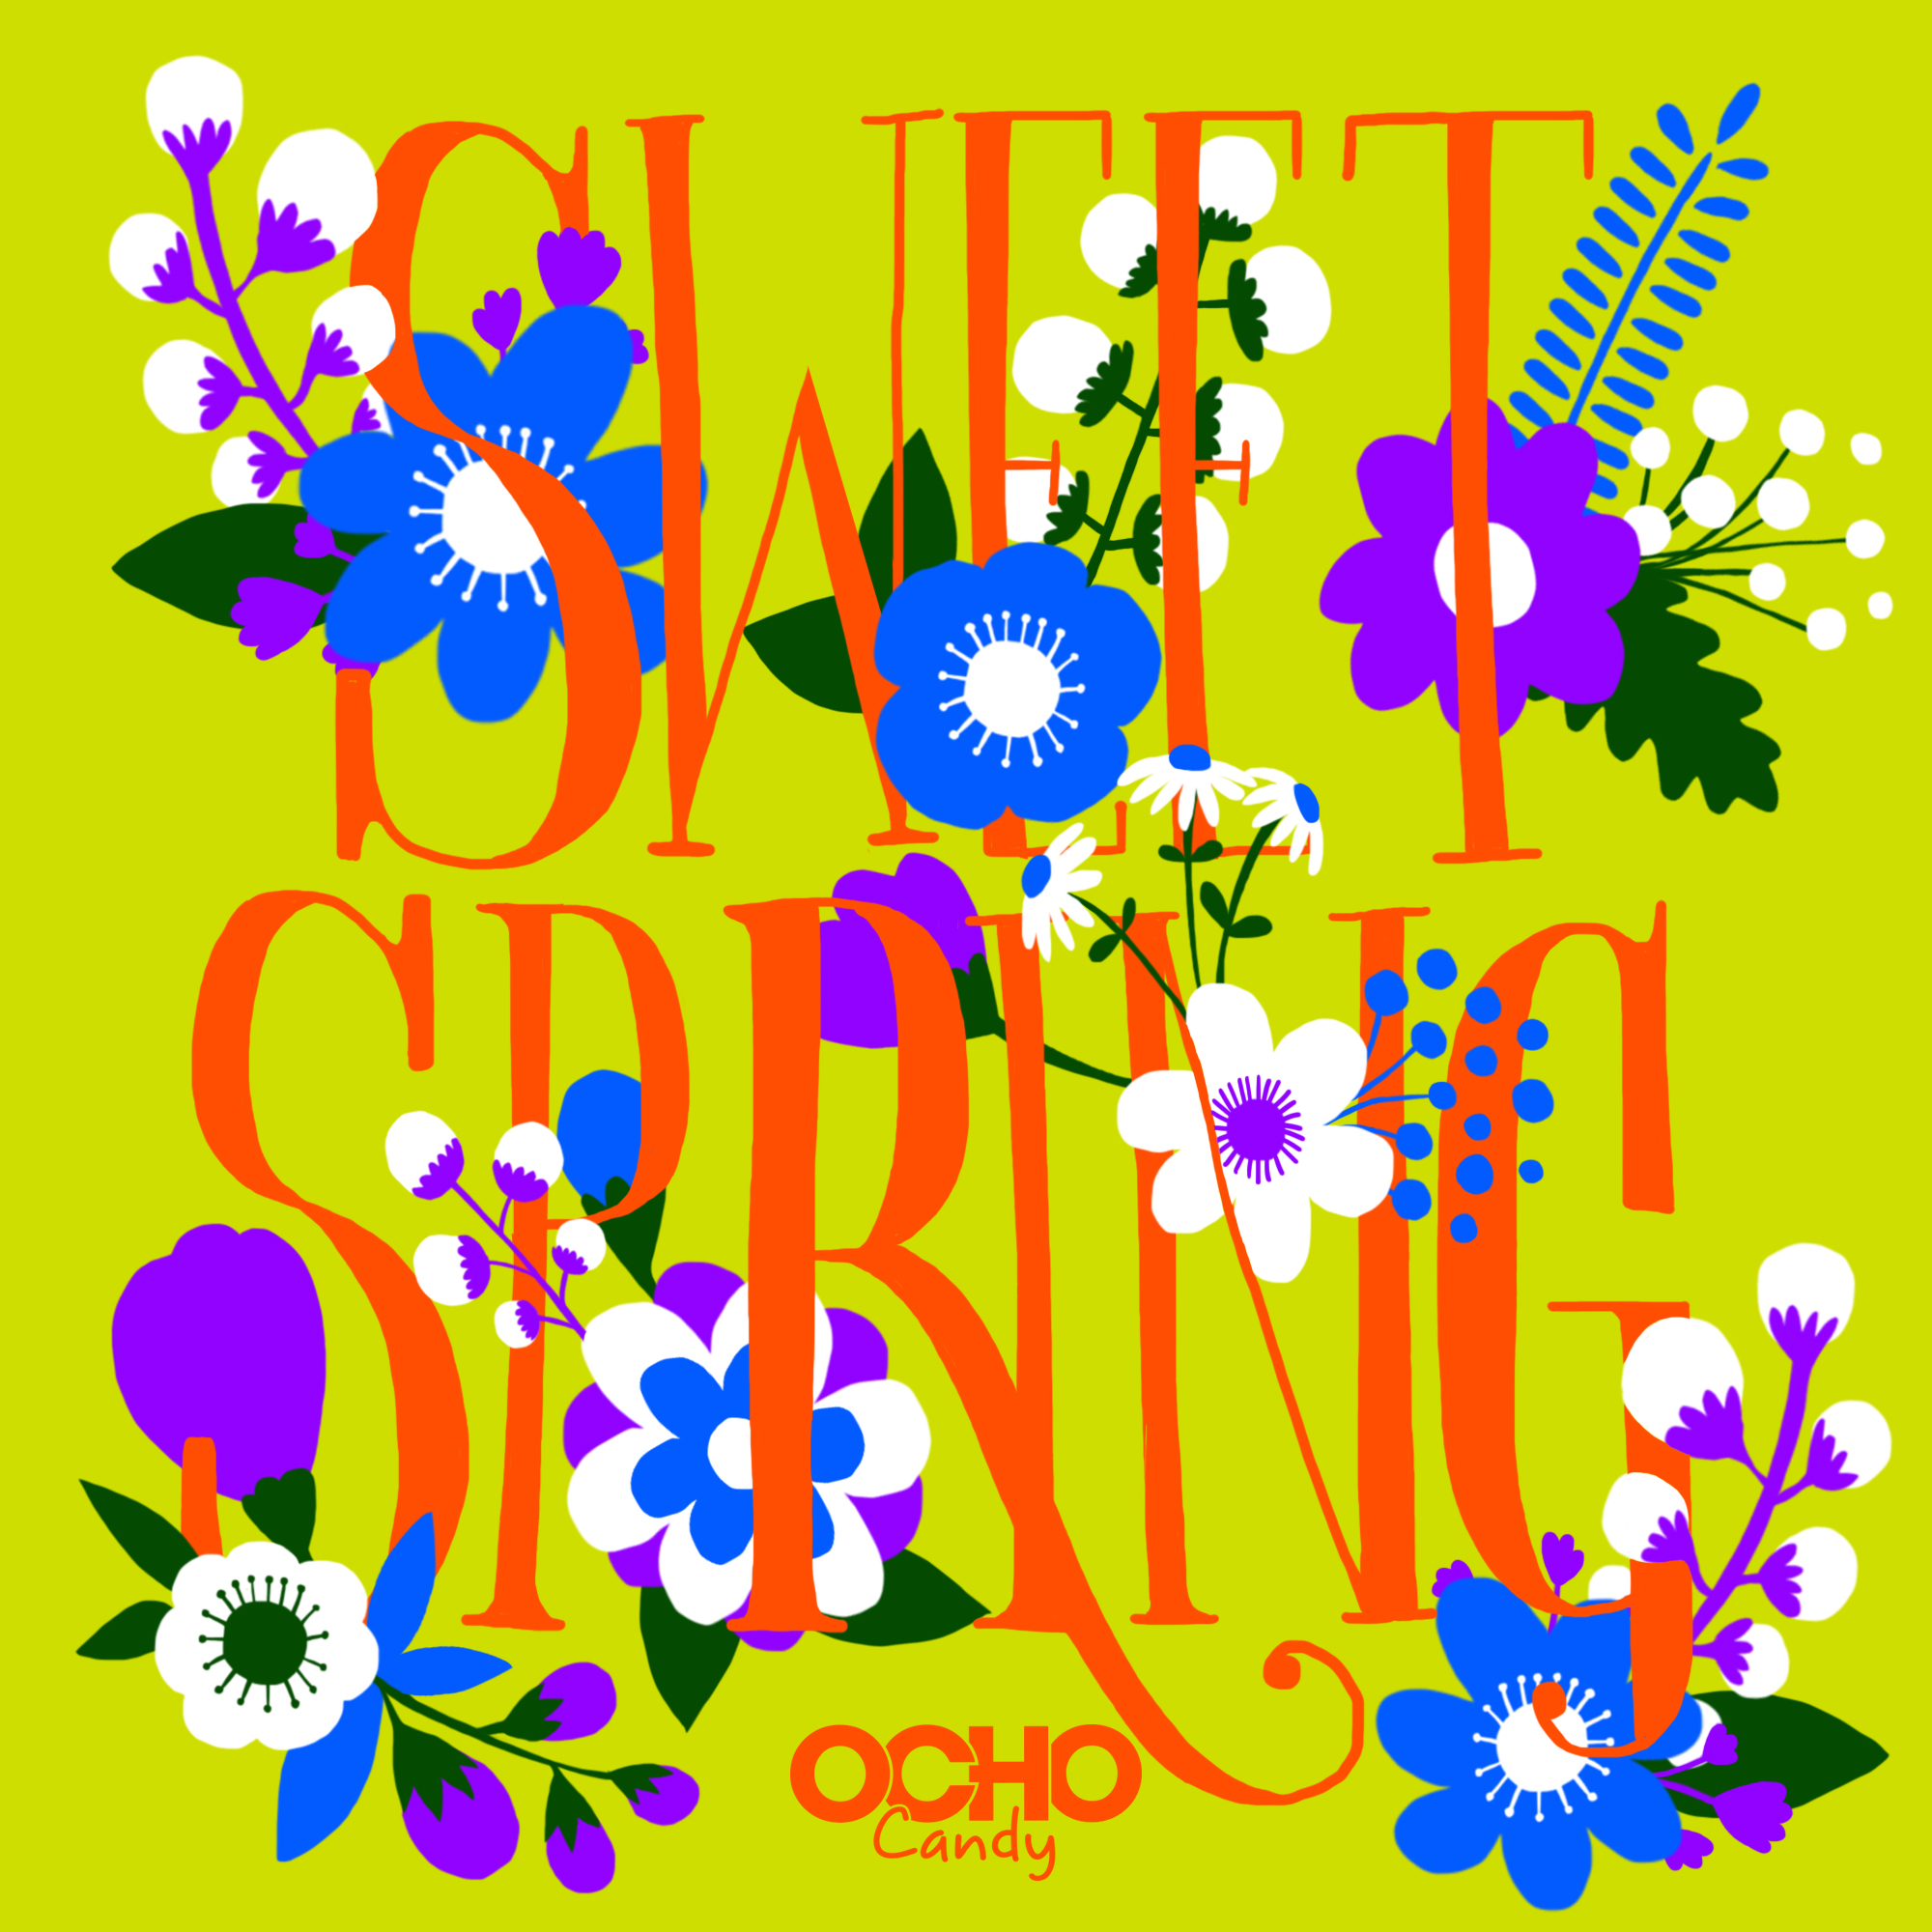 ocho spring quote4.jpg